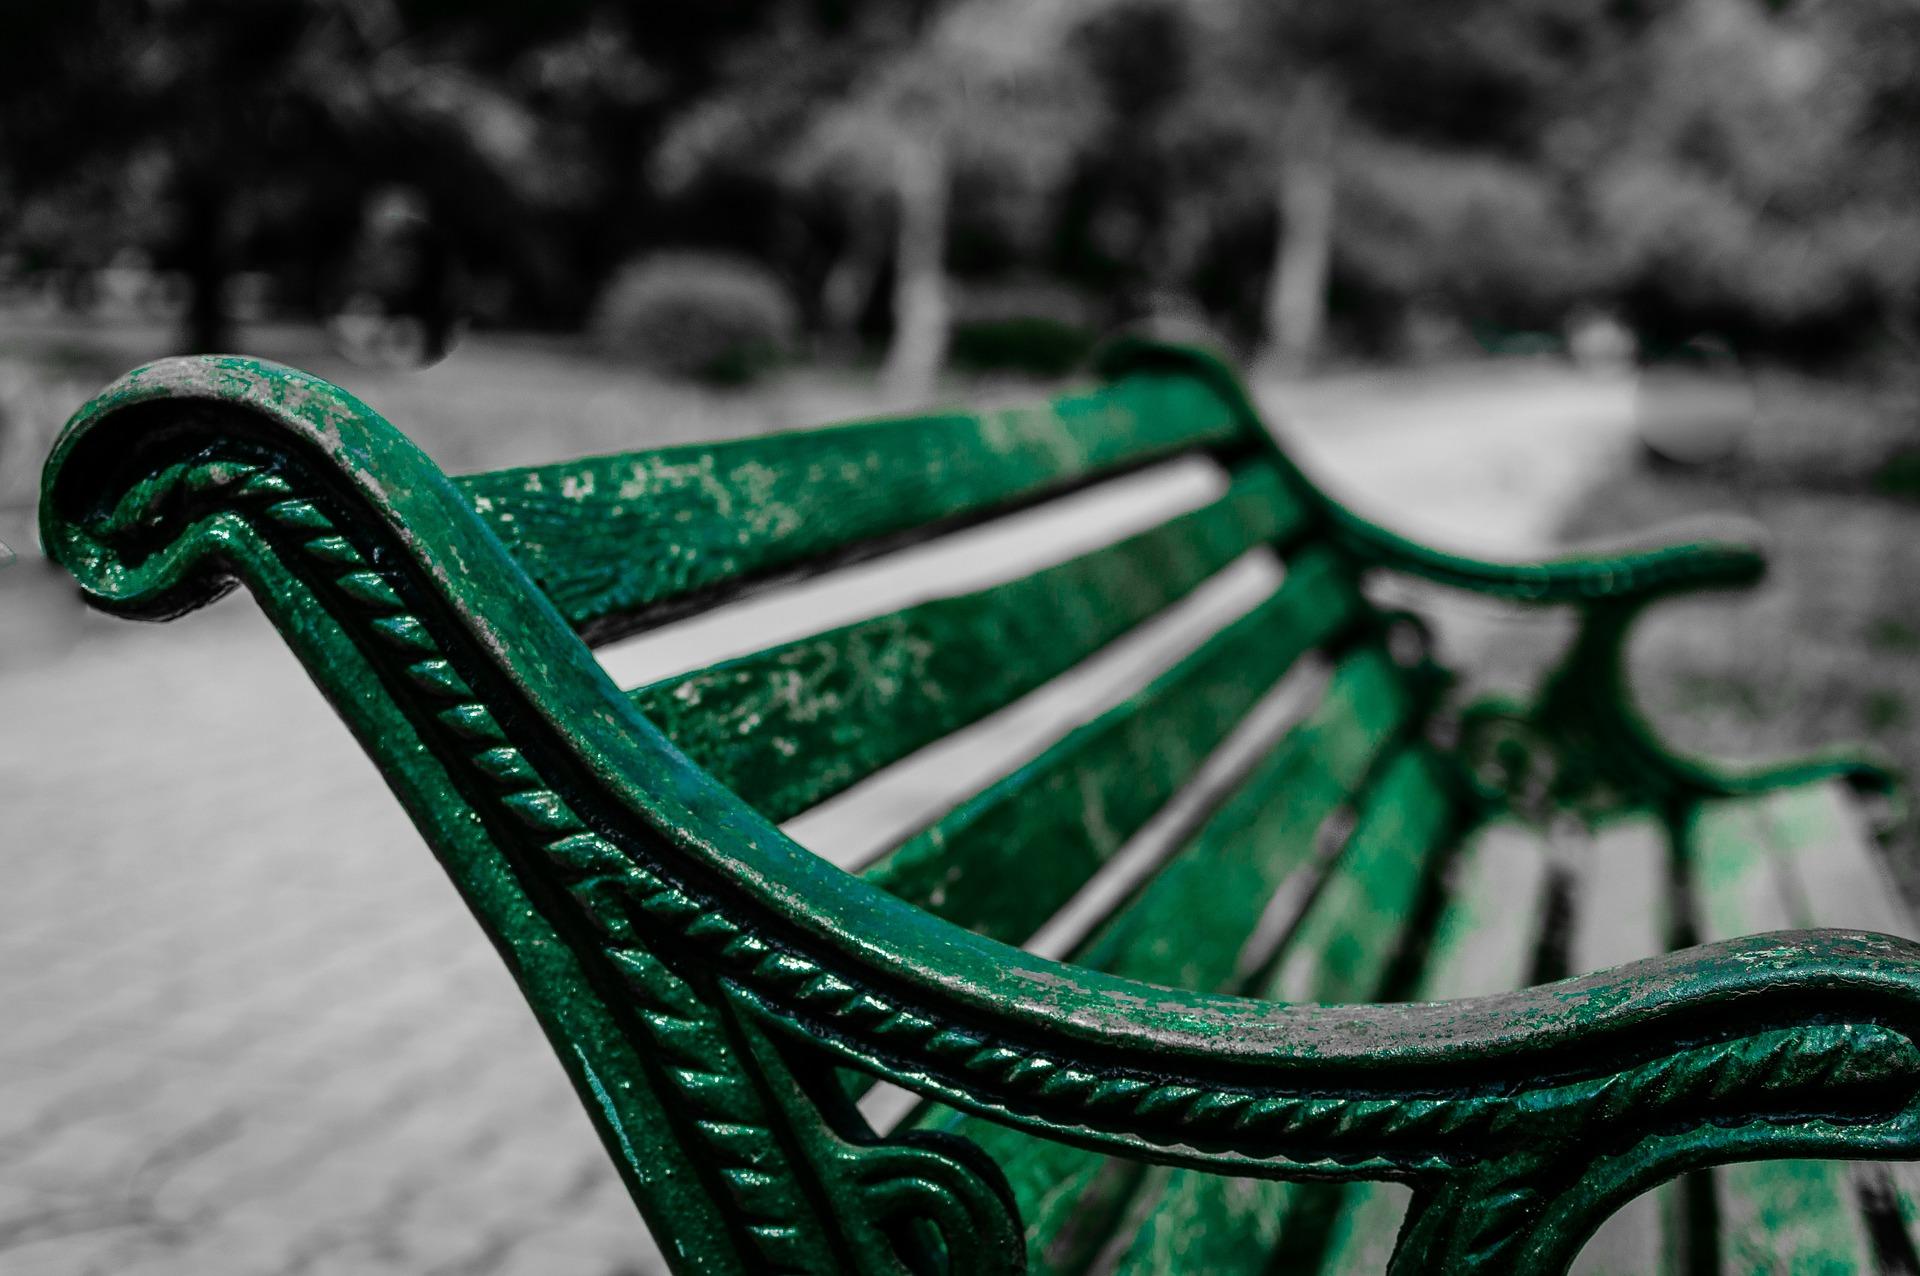 银行, 公园, 座位, 休息, 宁静, 放松 - 高清壁纸 - 教授-falken.com